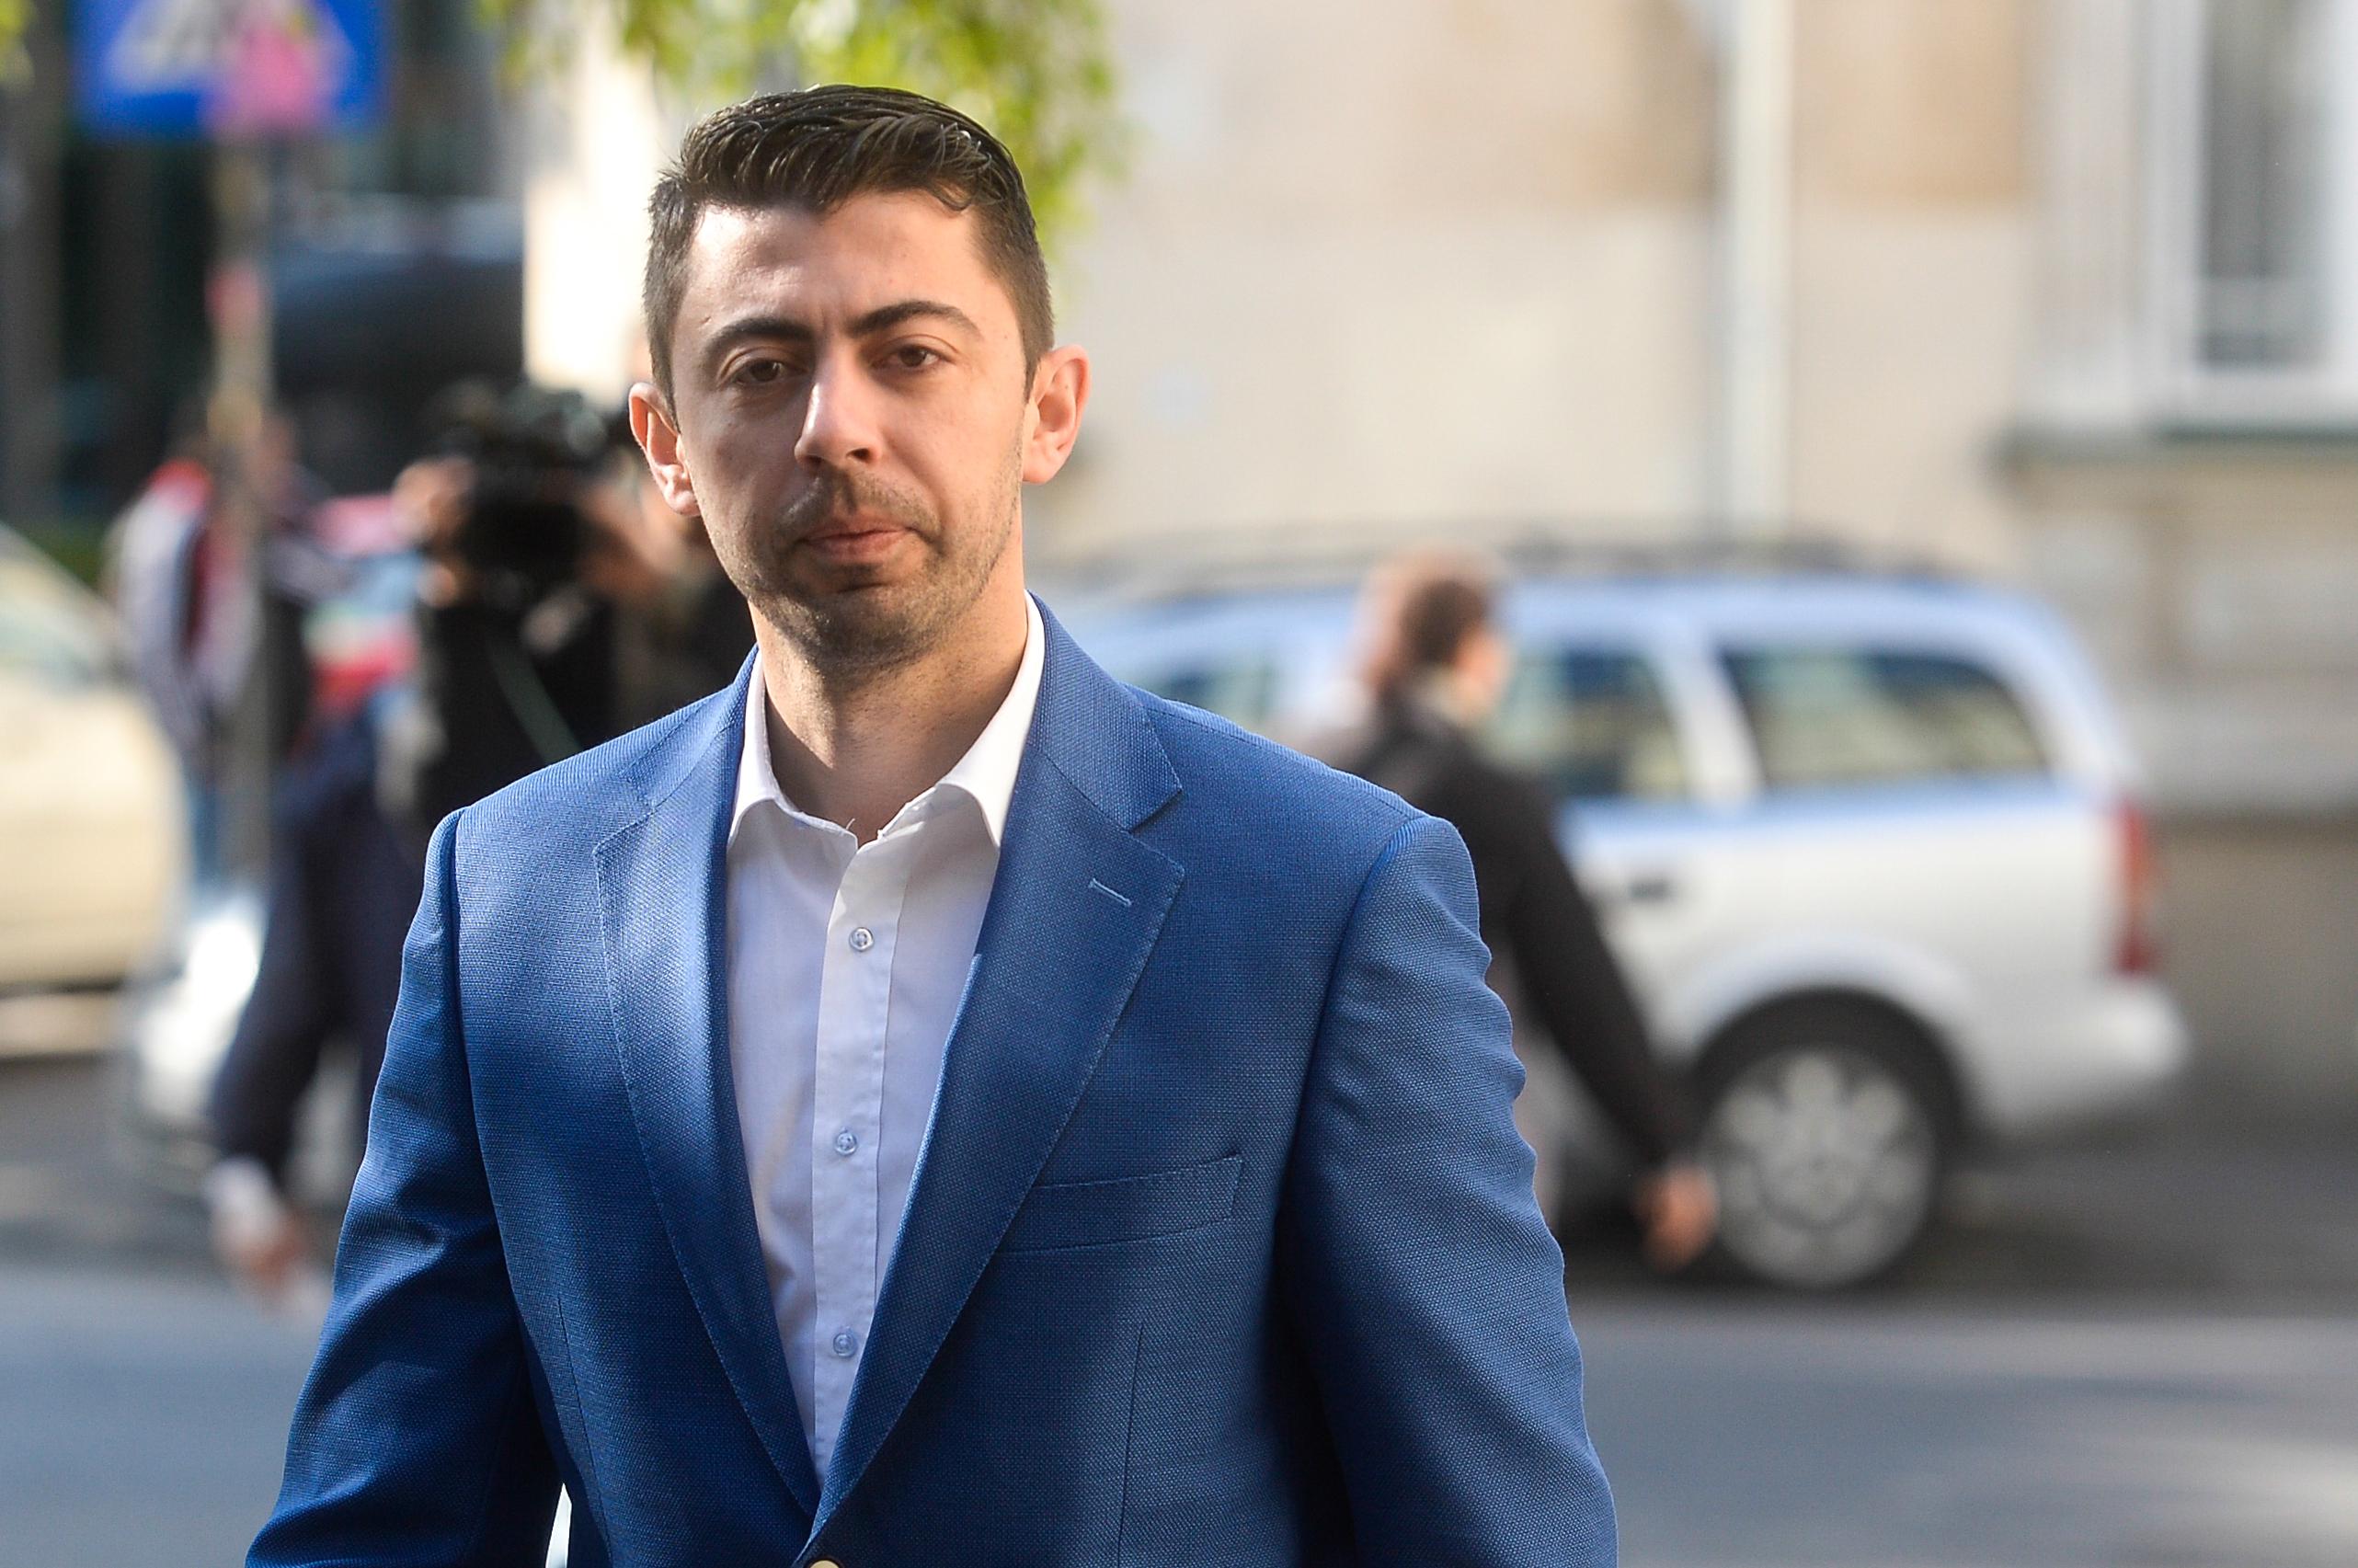 Fostul deputat PSD, Vlad Cosma, cercetat într-un nou dosar privind coruperea alegătorilor/ Parchetul de pe lângă ÎCCJ, sesizat pentru o posibilă cercetare abuzivă a fostului procuror Negulescu